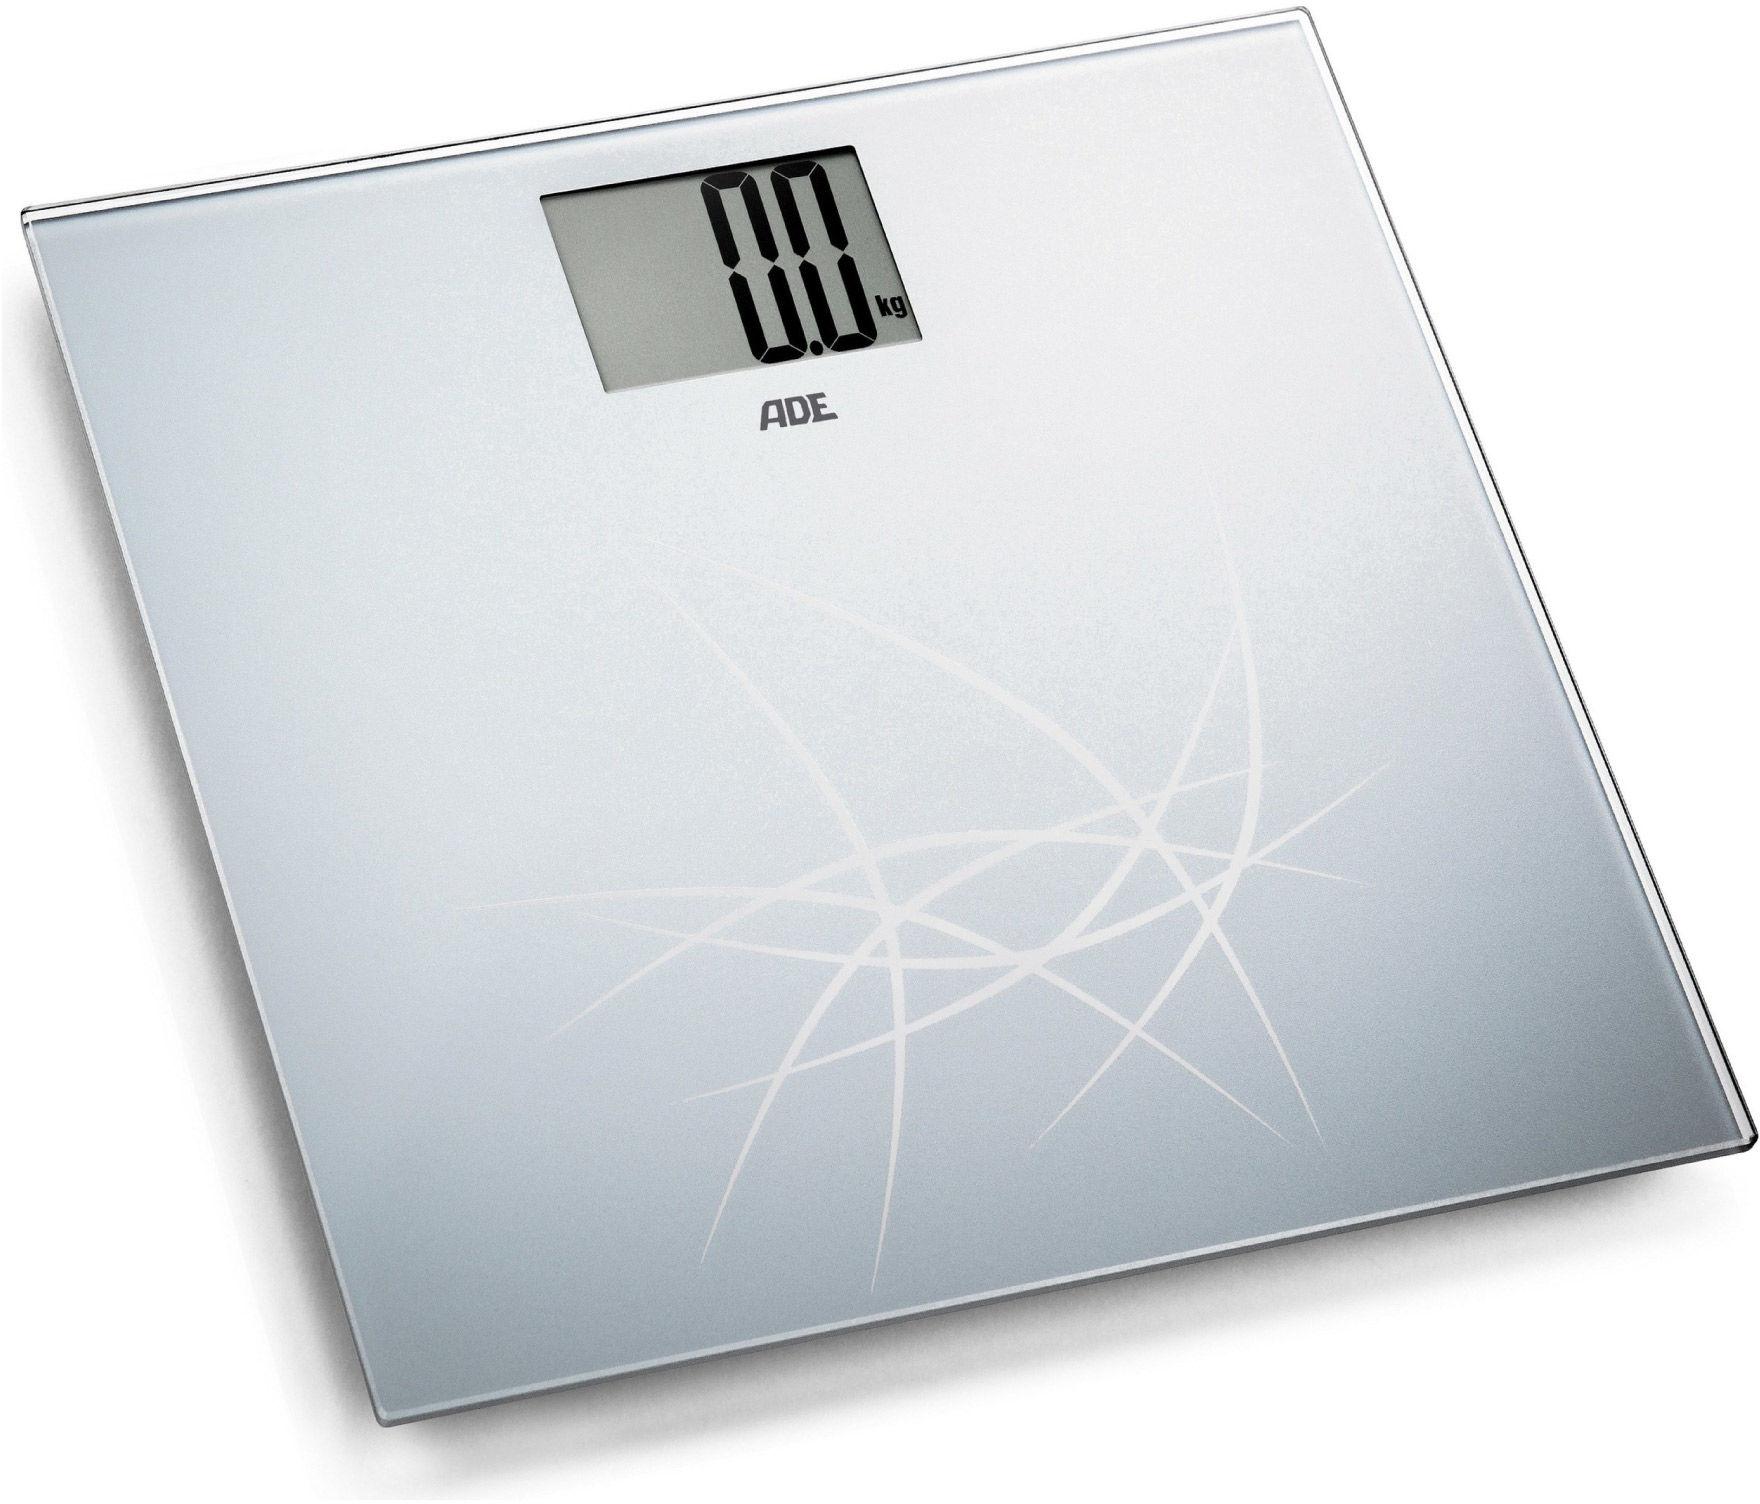 Cyfrowa waga łazienkowa ADE BE1305 Lotta Designerska, szklana, cyfrowa waga łazienkowa ADE BE1305 Lotta